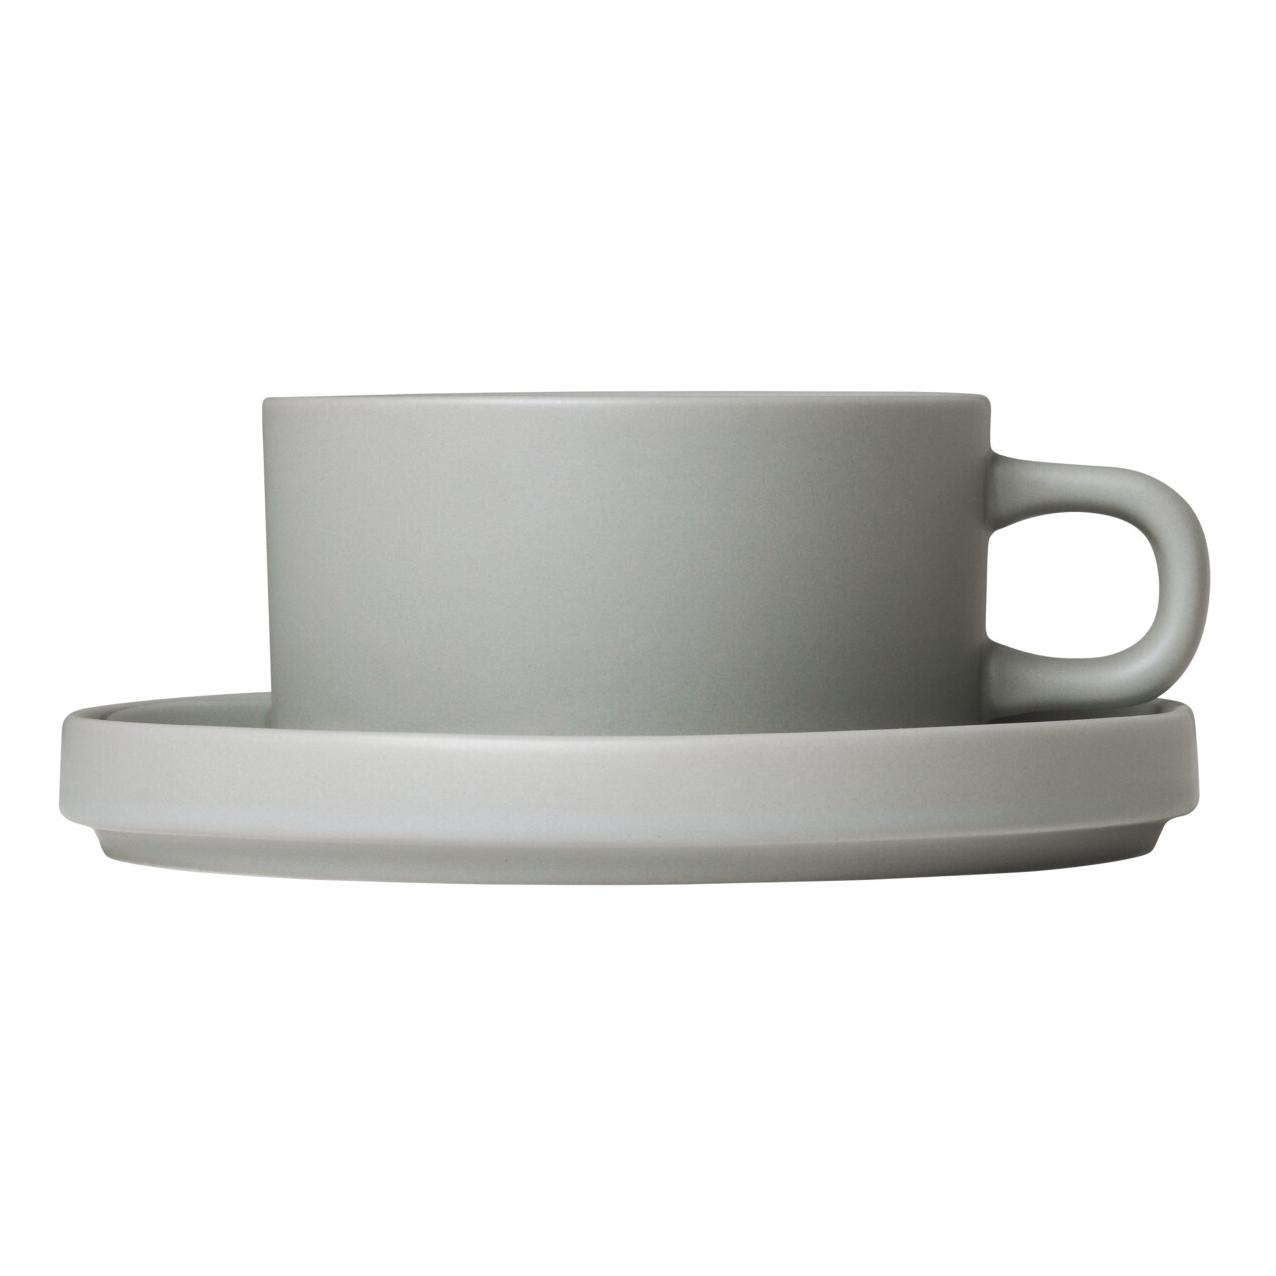 Súprava 2 hrnčekov na čaj s tanierikmi MIO svetlosivá 0,17 l Blomus